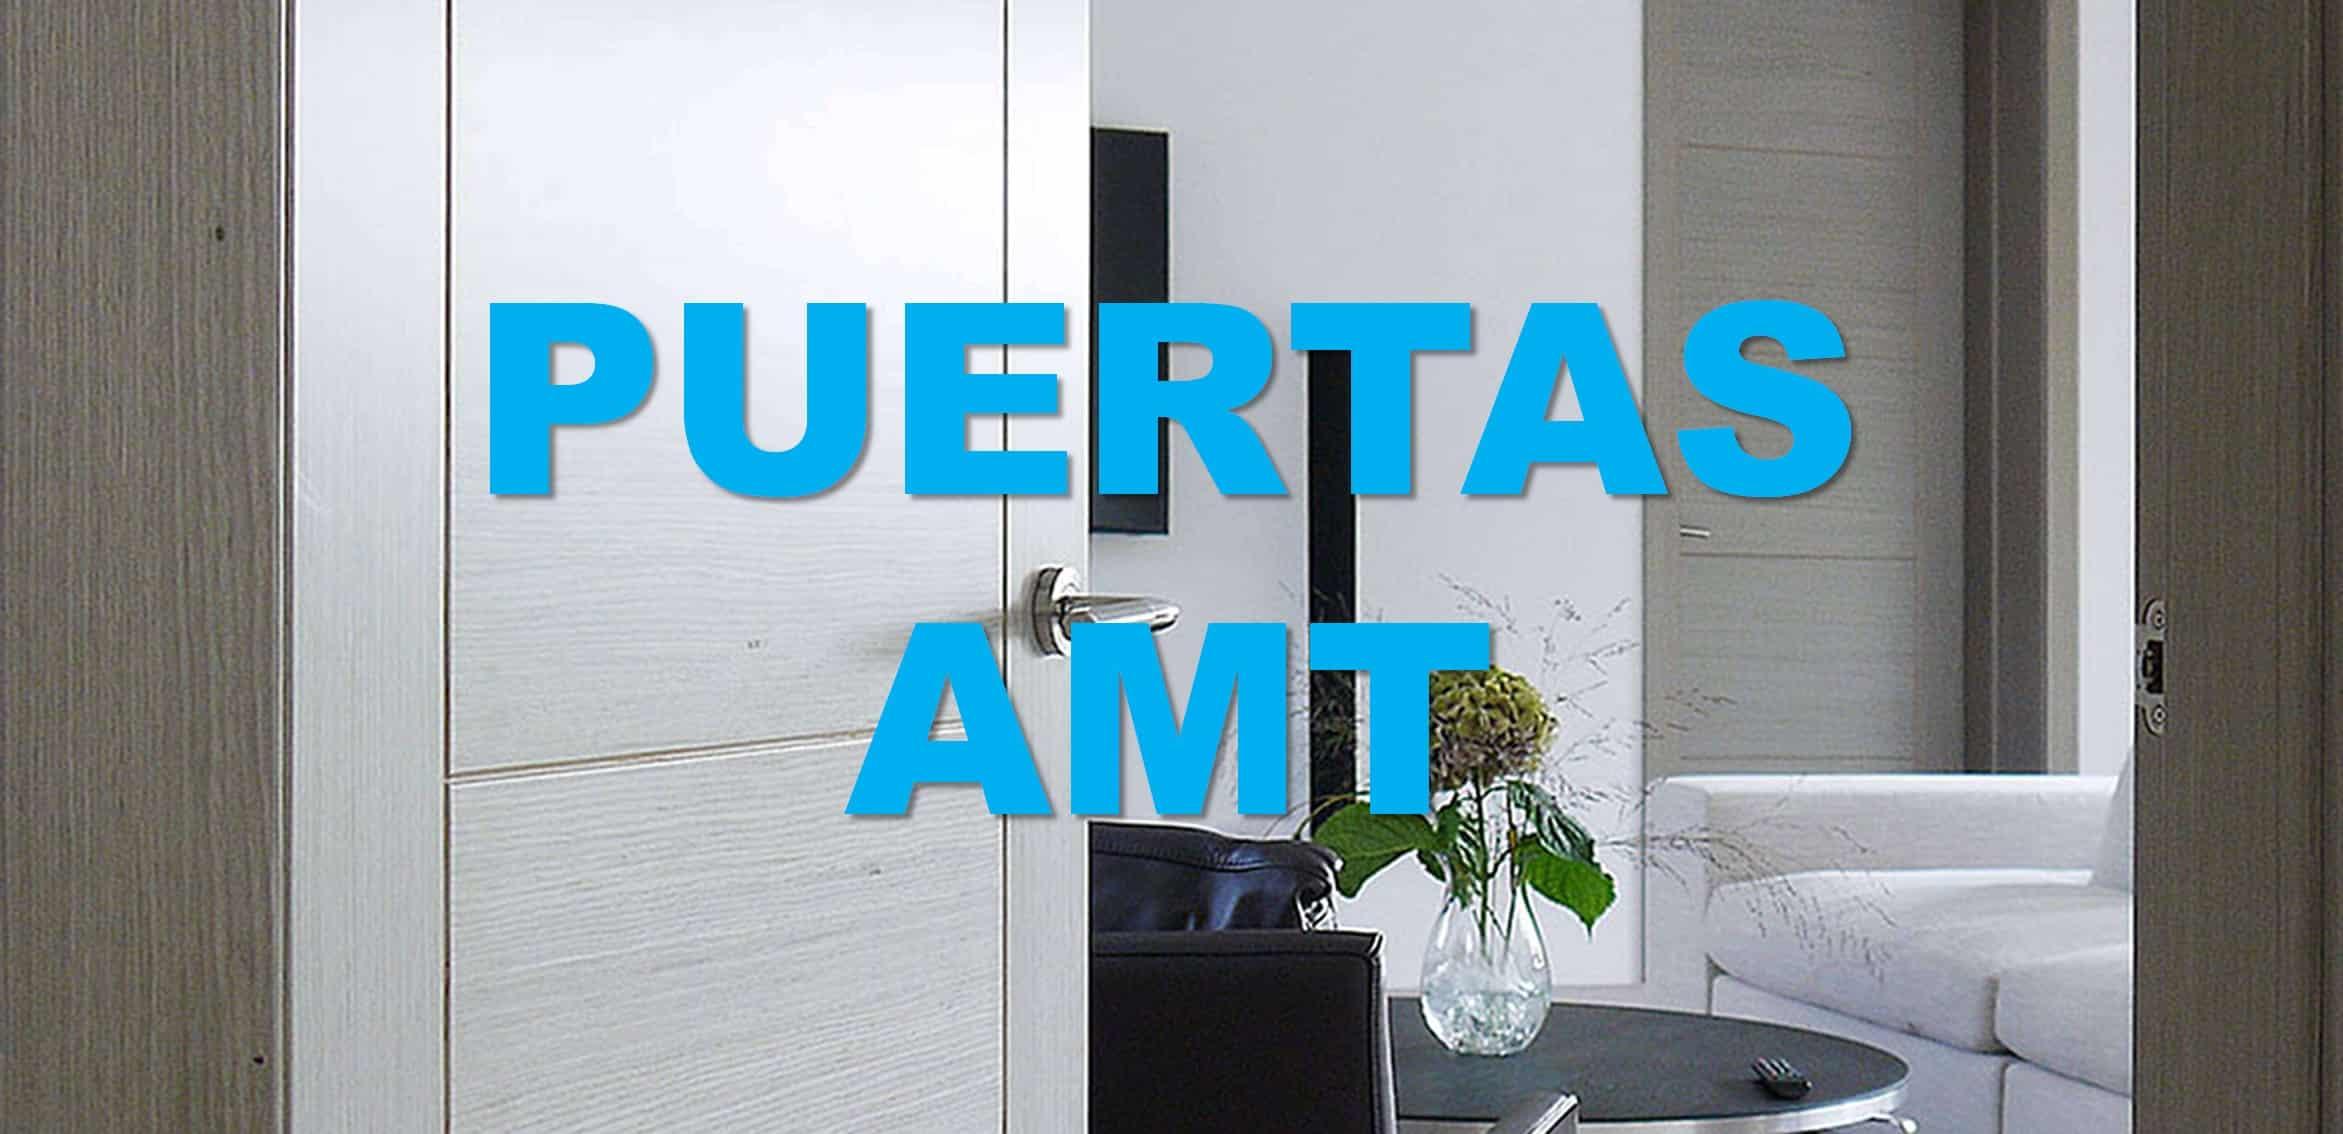 Puertas AMT